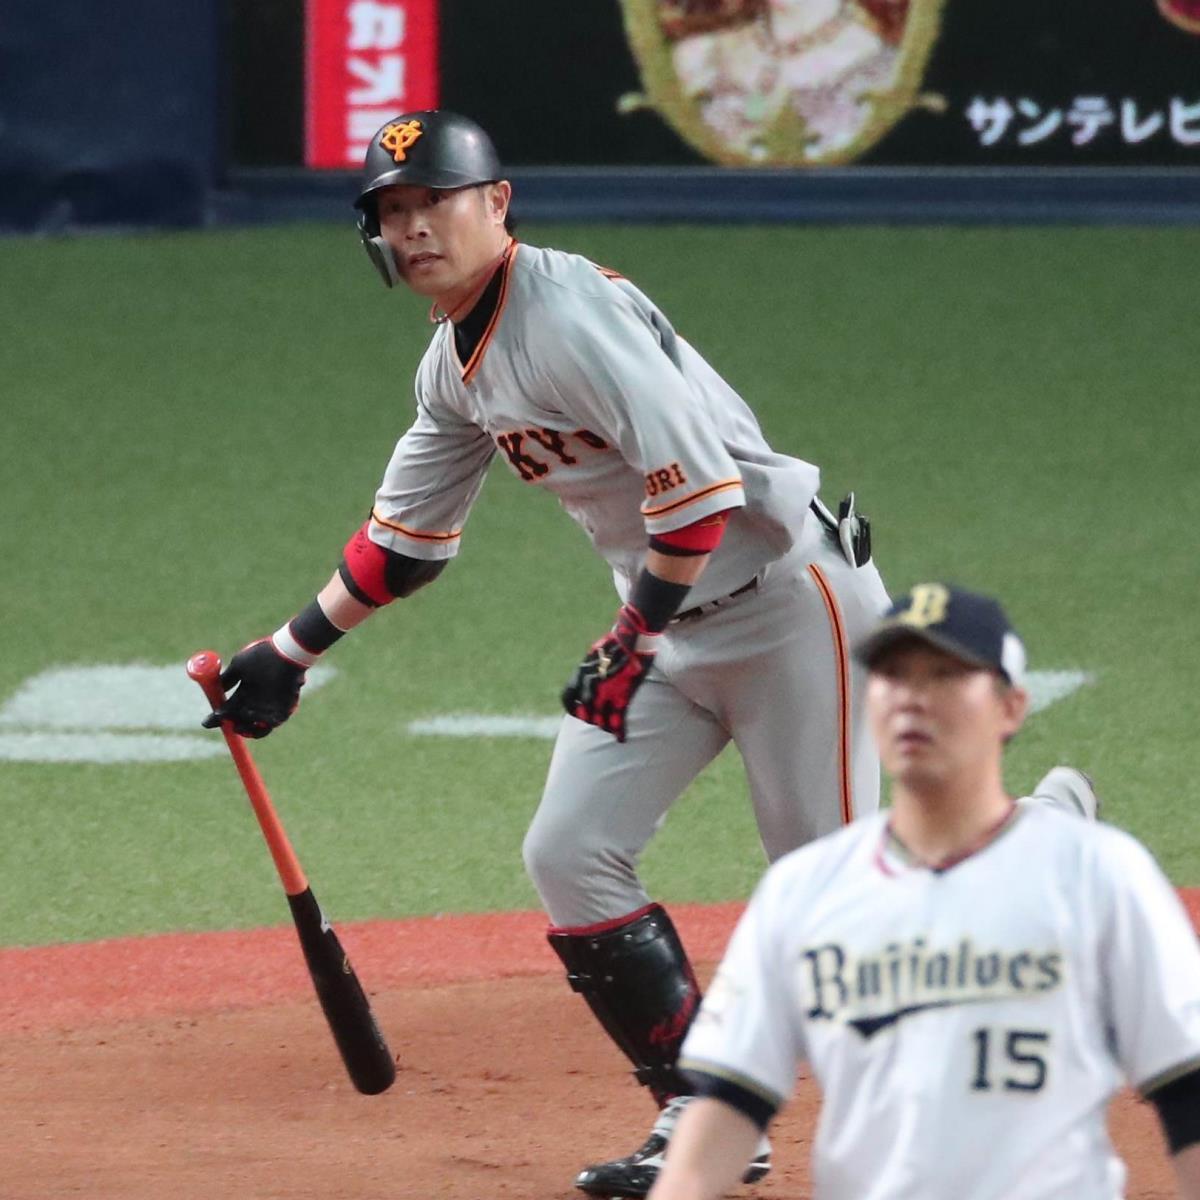 6回2死一、三塁、亀井善行が右前へ同点適時打を放つ(投手・荒西祐大、カメラ・岩崎 龍一)